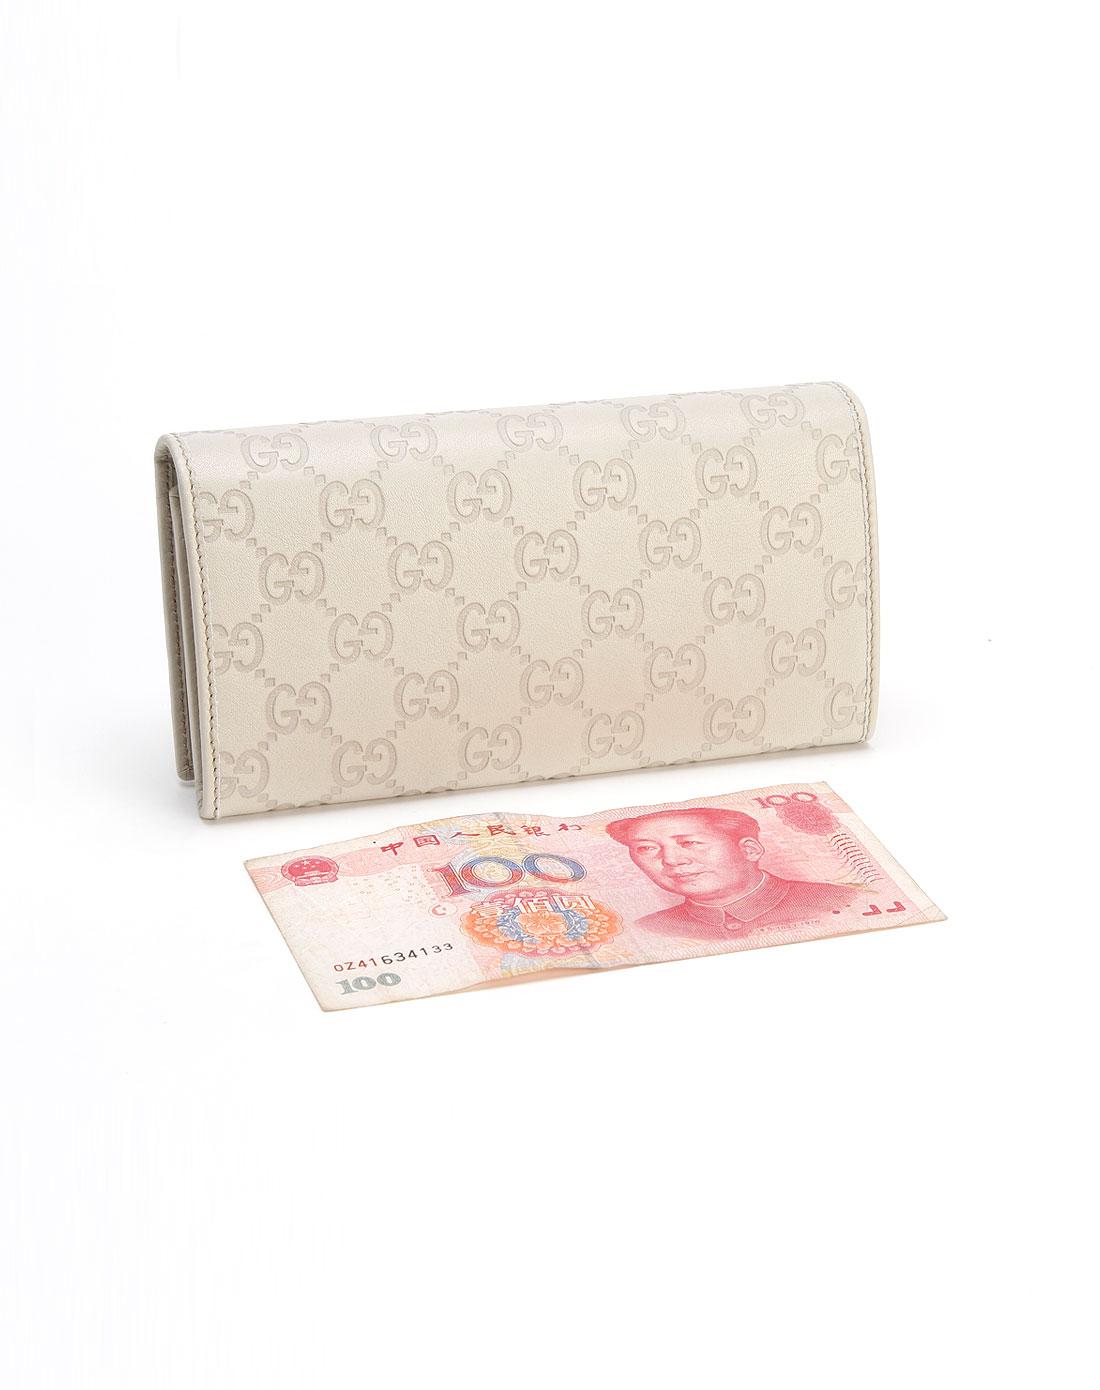 gucci钱包专场女款米白色印logo蝴蝶结钱包257005